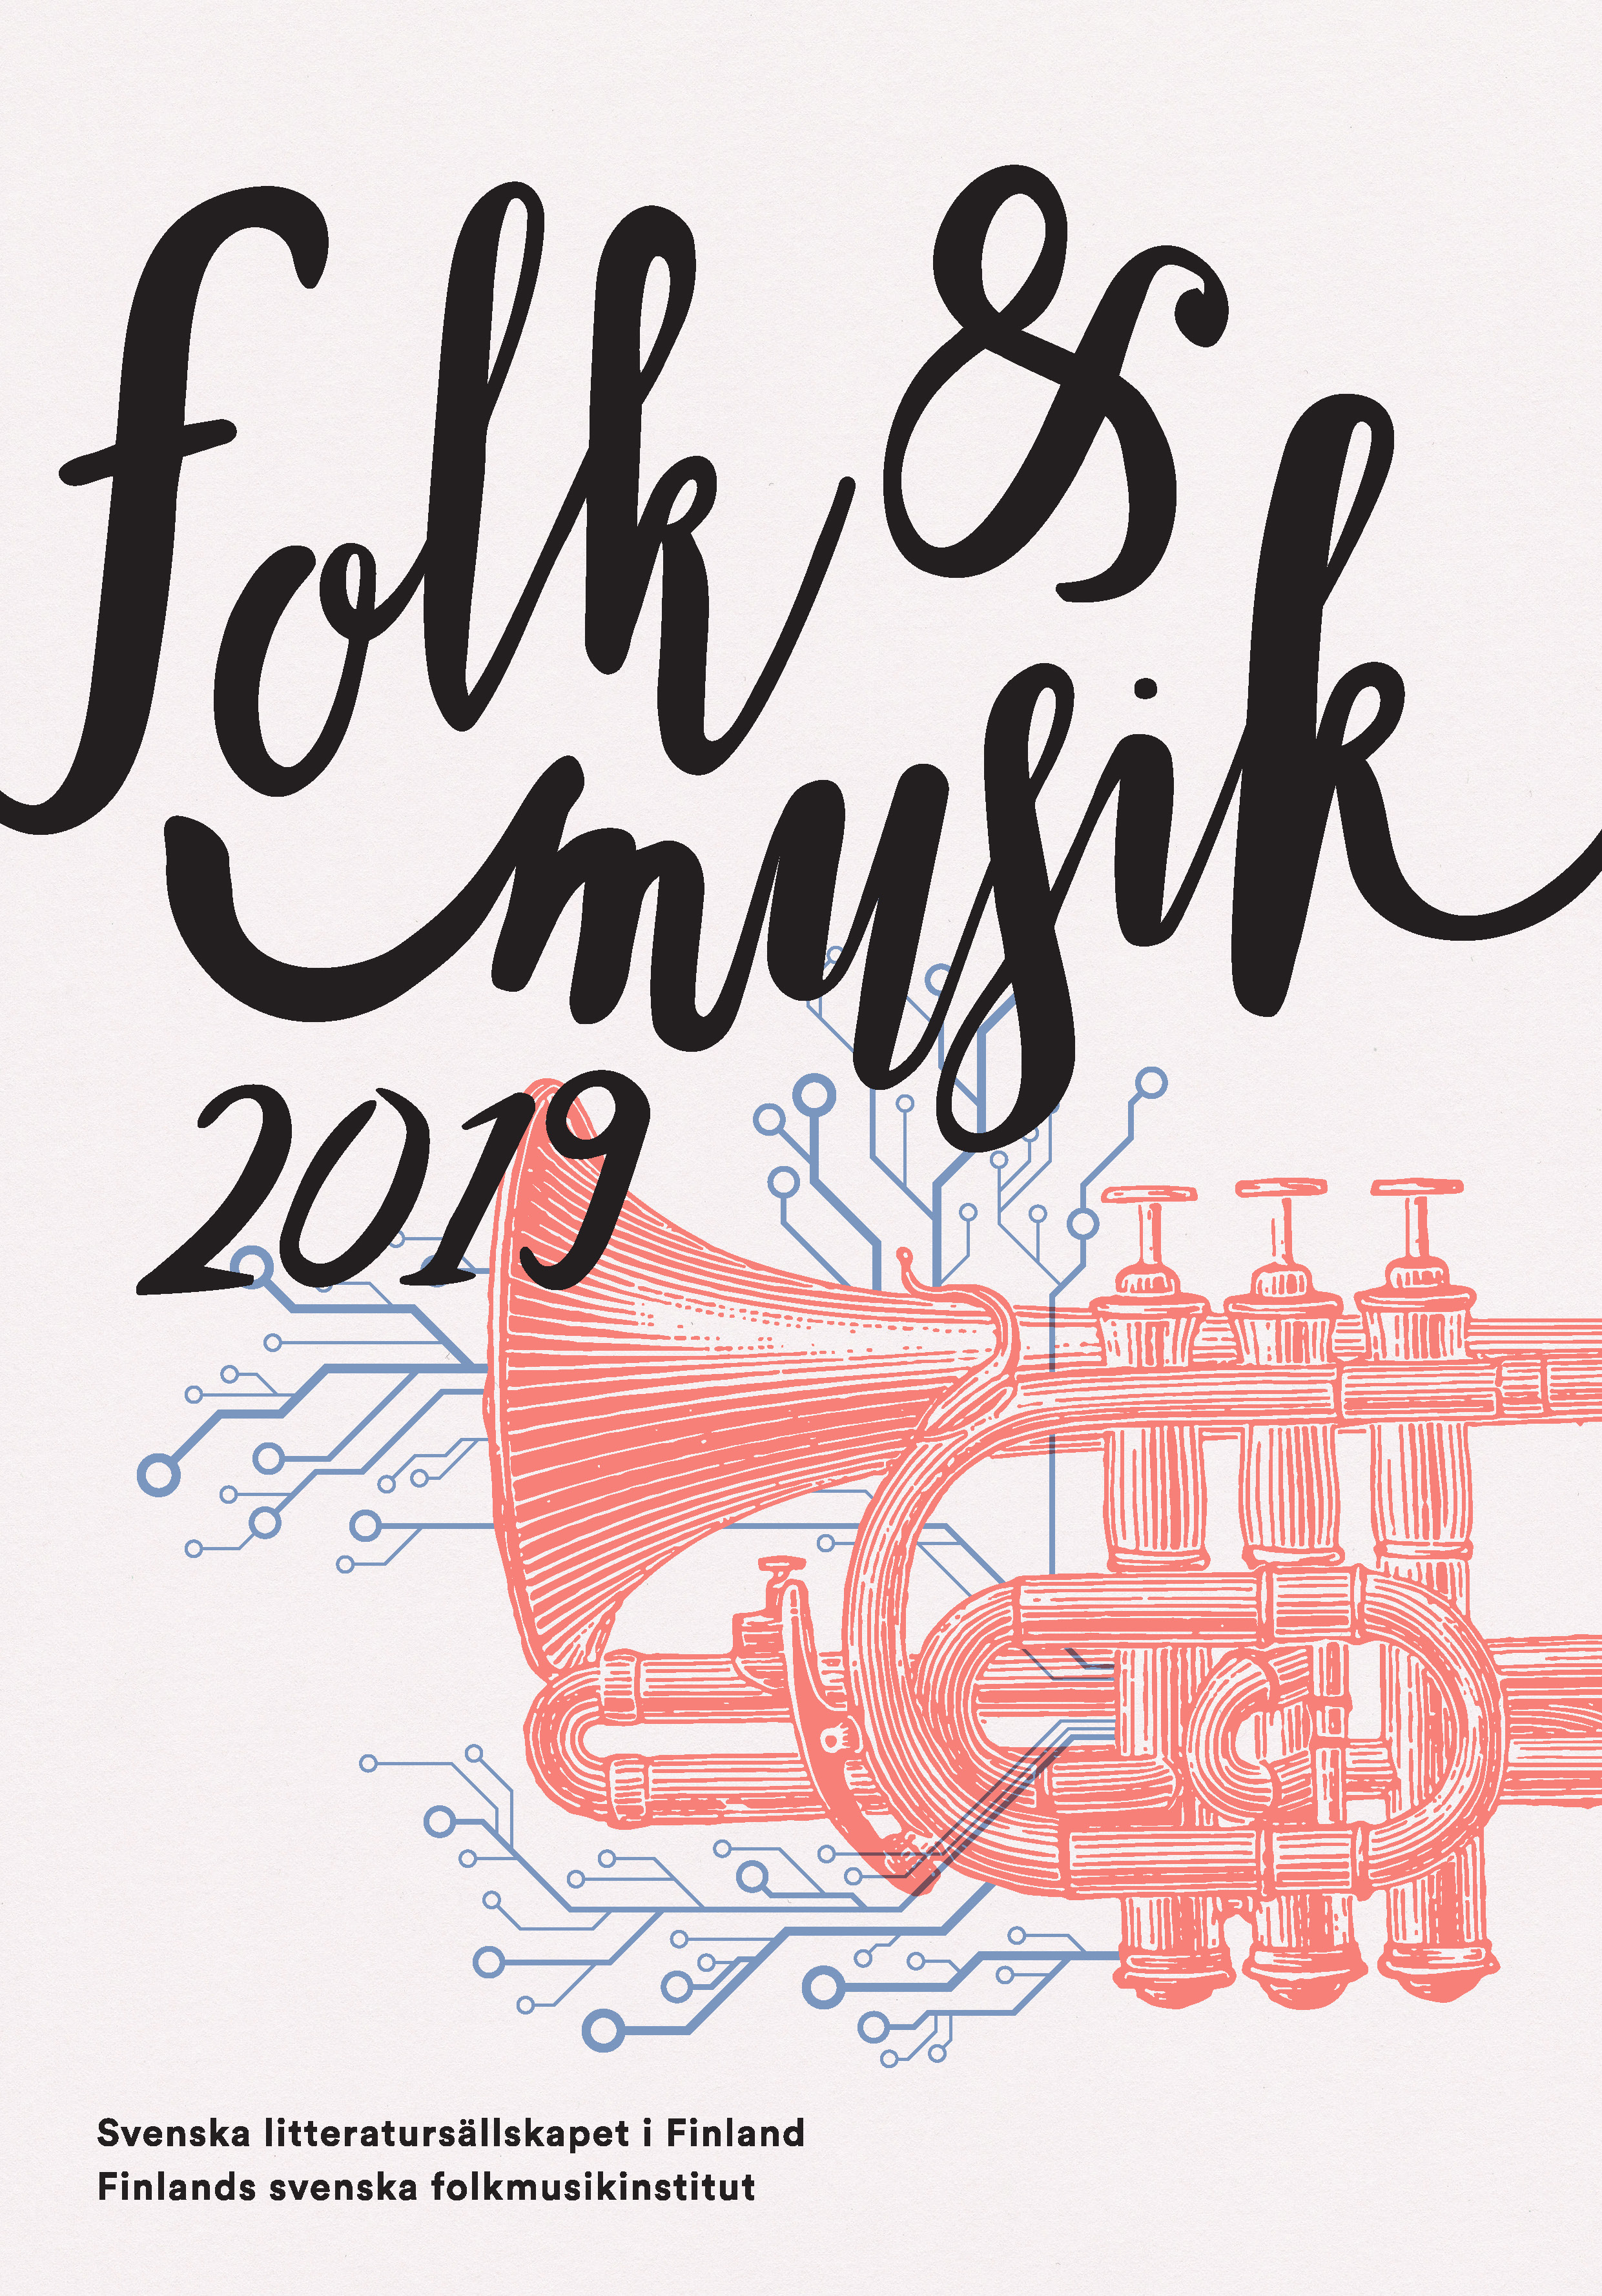 Omslag till Folk och musik 2019, utgiven av Svenska litteratursällskapet i Finland och Finlands svenska folkmusikinstitut.